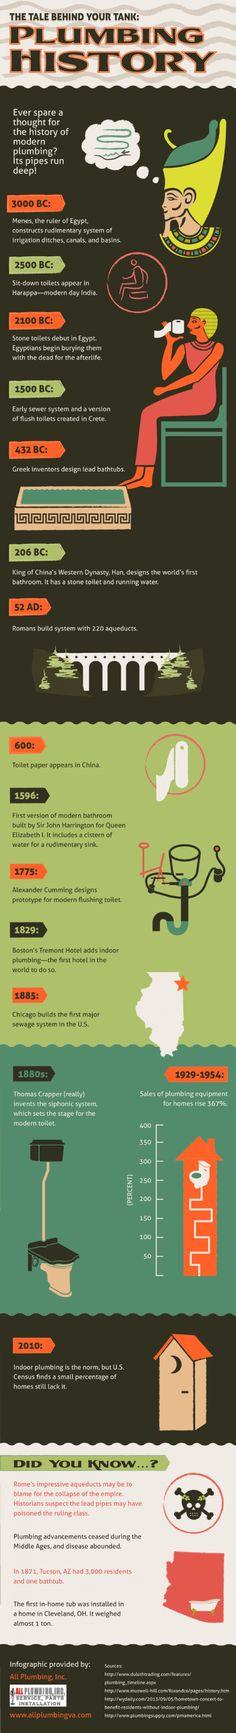 #Plumbing History #infographic